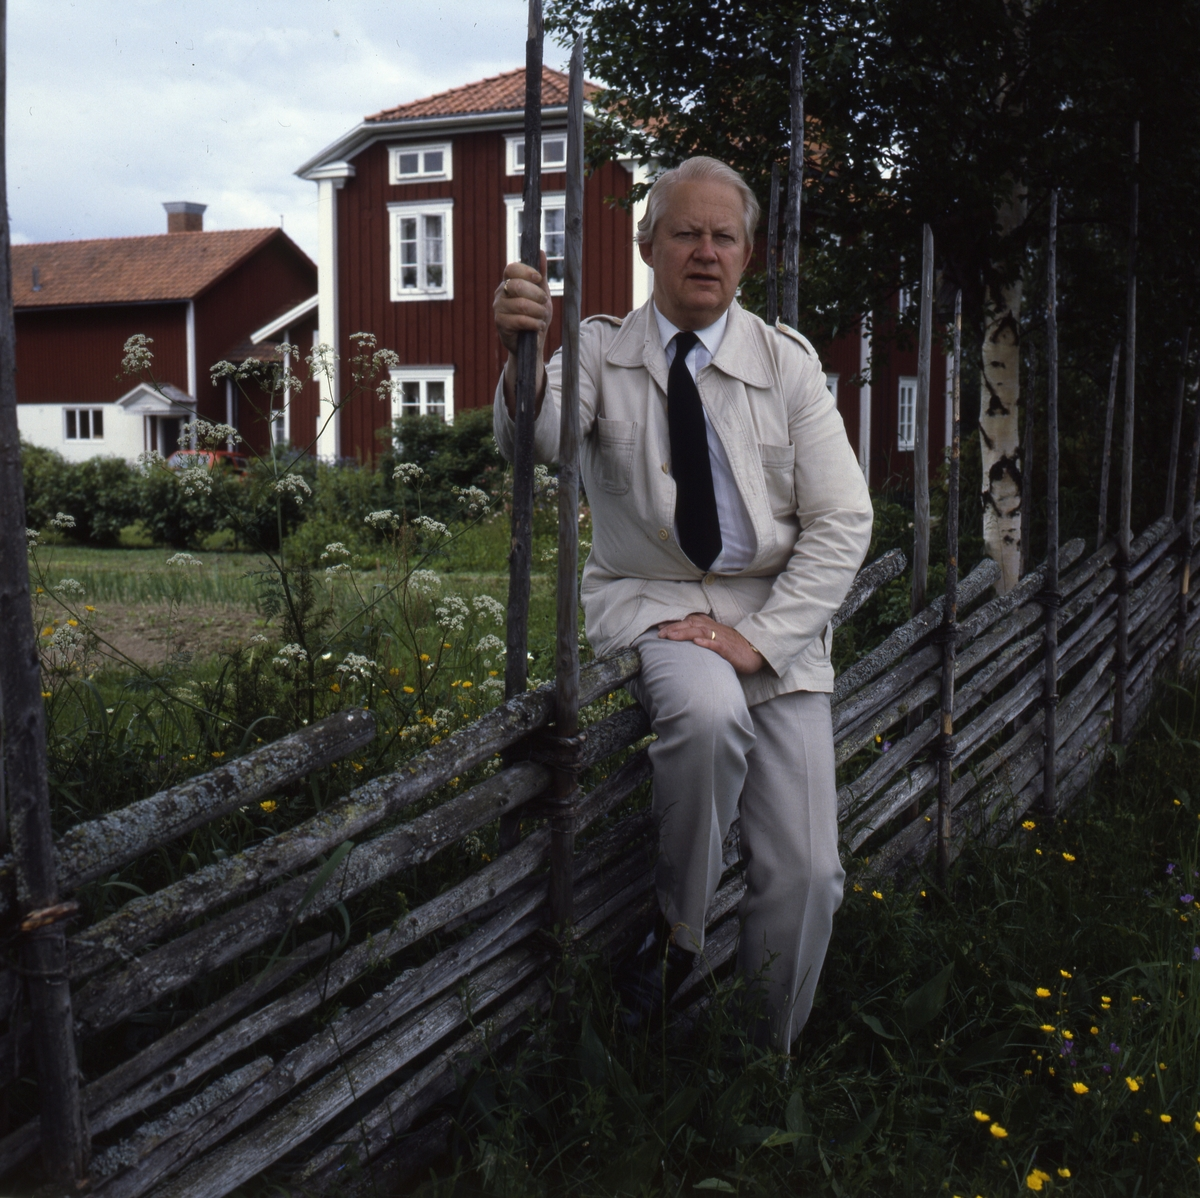 Författaren Bo Setterlind sitter snett över en gärdesgård iförd en ljus kostym och mörk slips. I bakgrunden syns gården Sunnanåker.